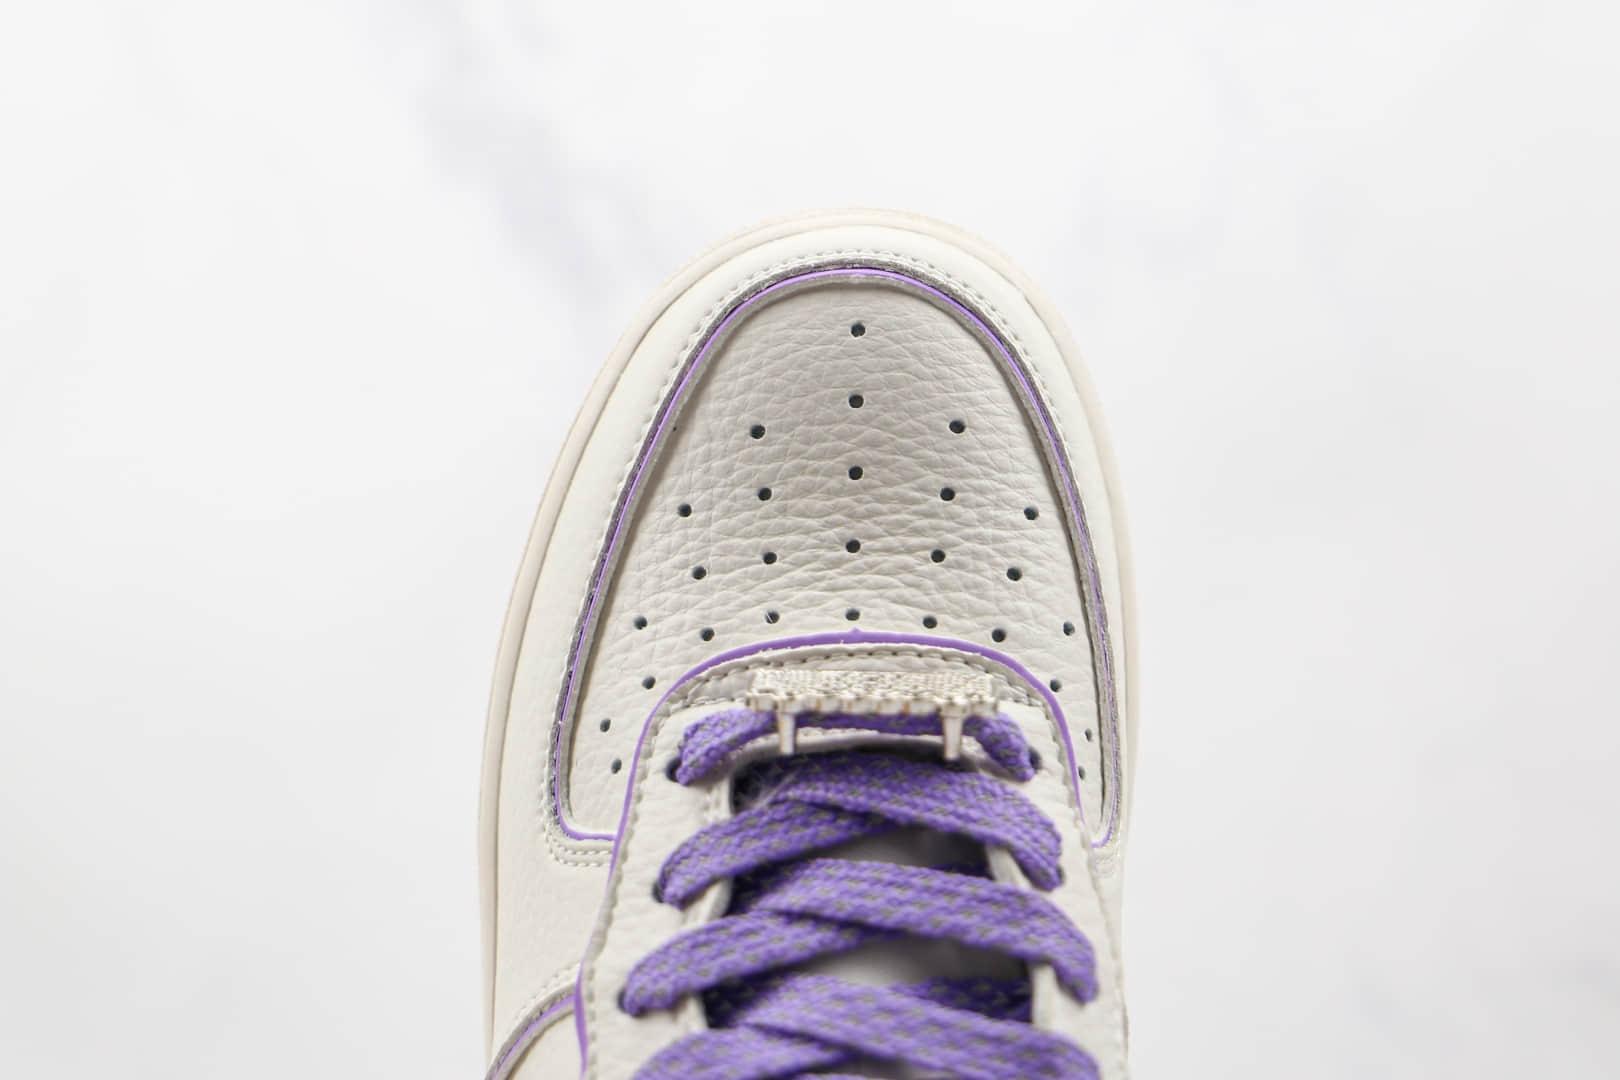 耐克Nike Air Force 1 Low 07纯原版本低帮空军一号白紫色板鞋内置气垫 货号:UH8958-055